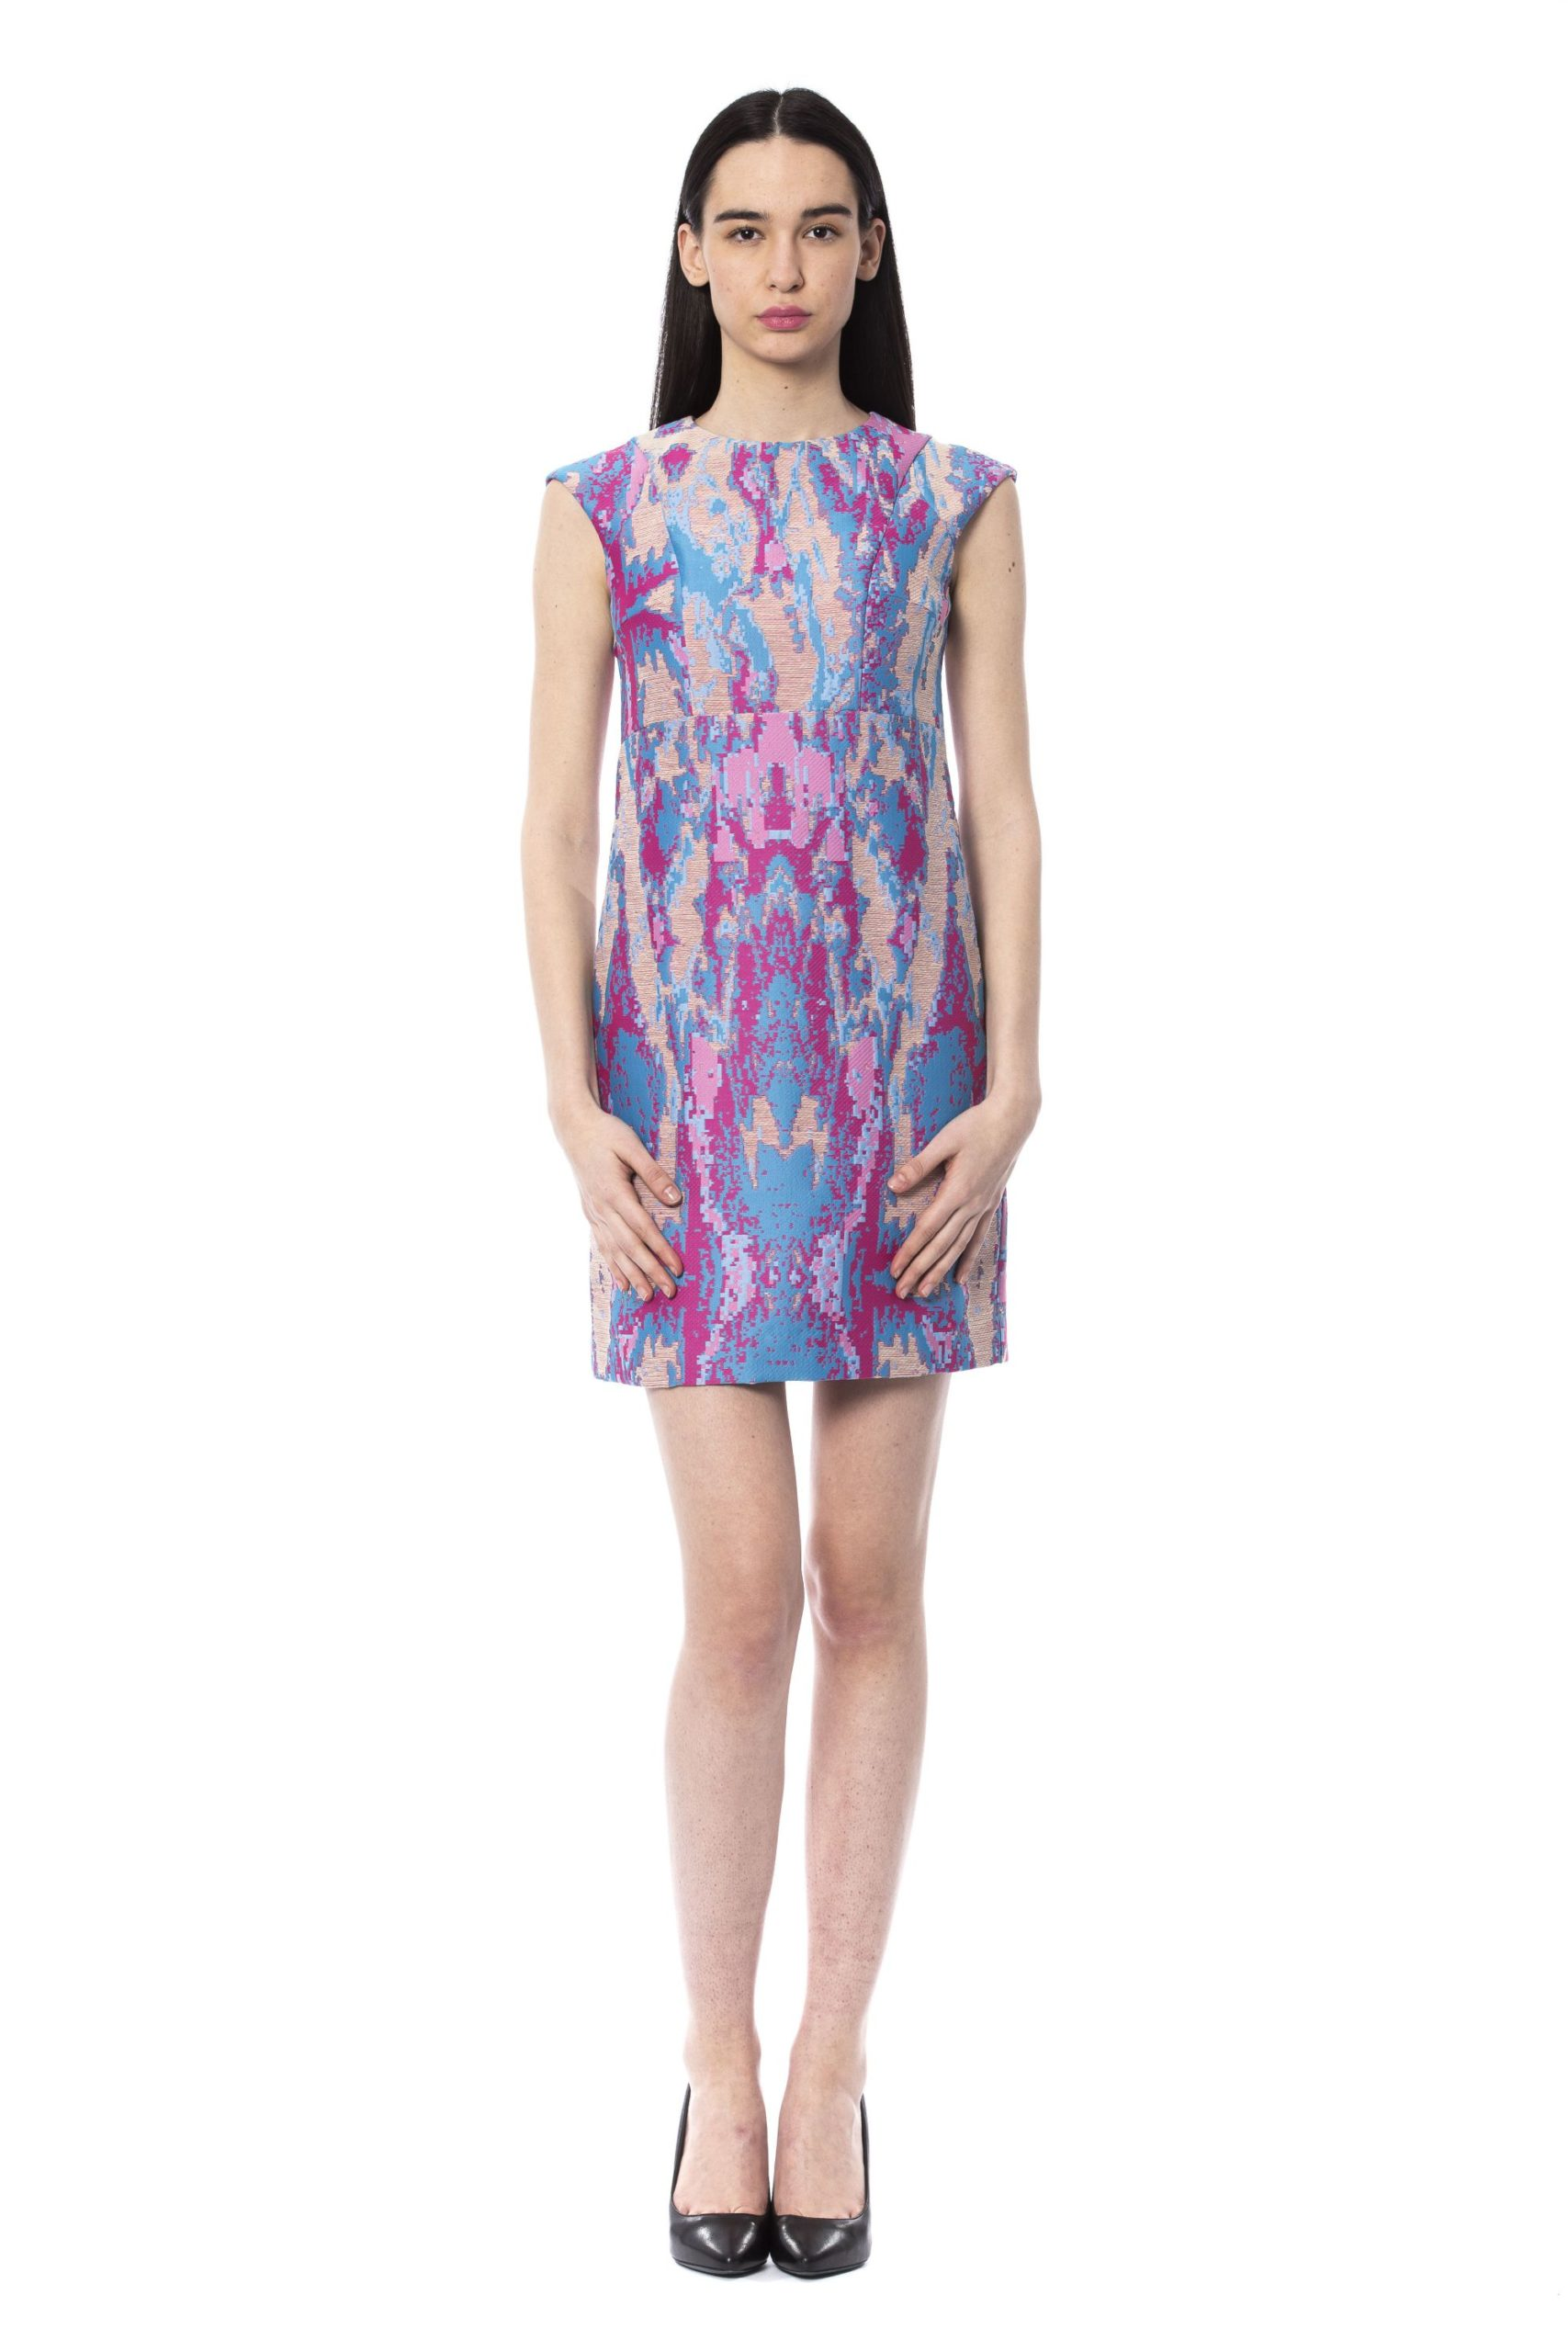 Byblos Women's Sleeveless Dress Multicolour BY996374 - IT42 | S